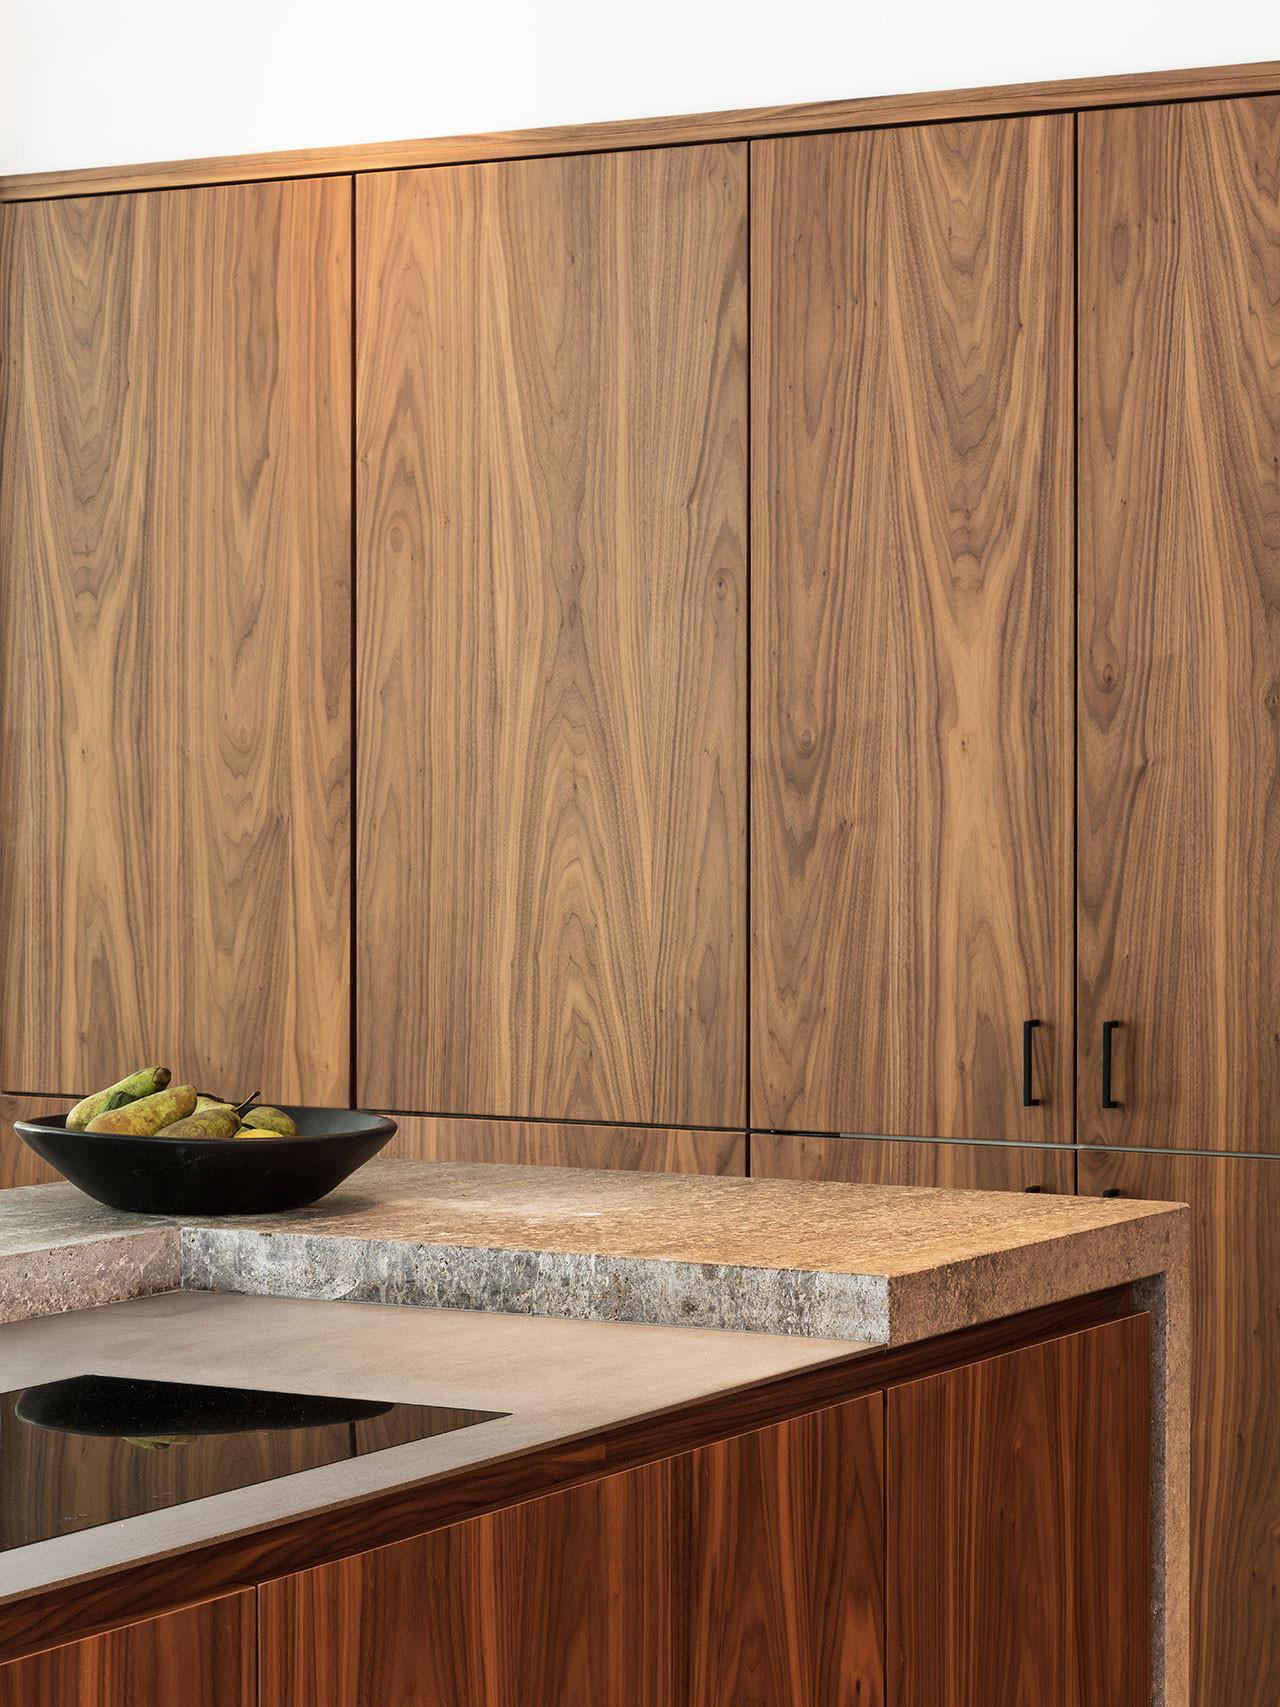 Dekeyzer-hedendaagse-keuken-notelaar-natuursteen-1.jpg